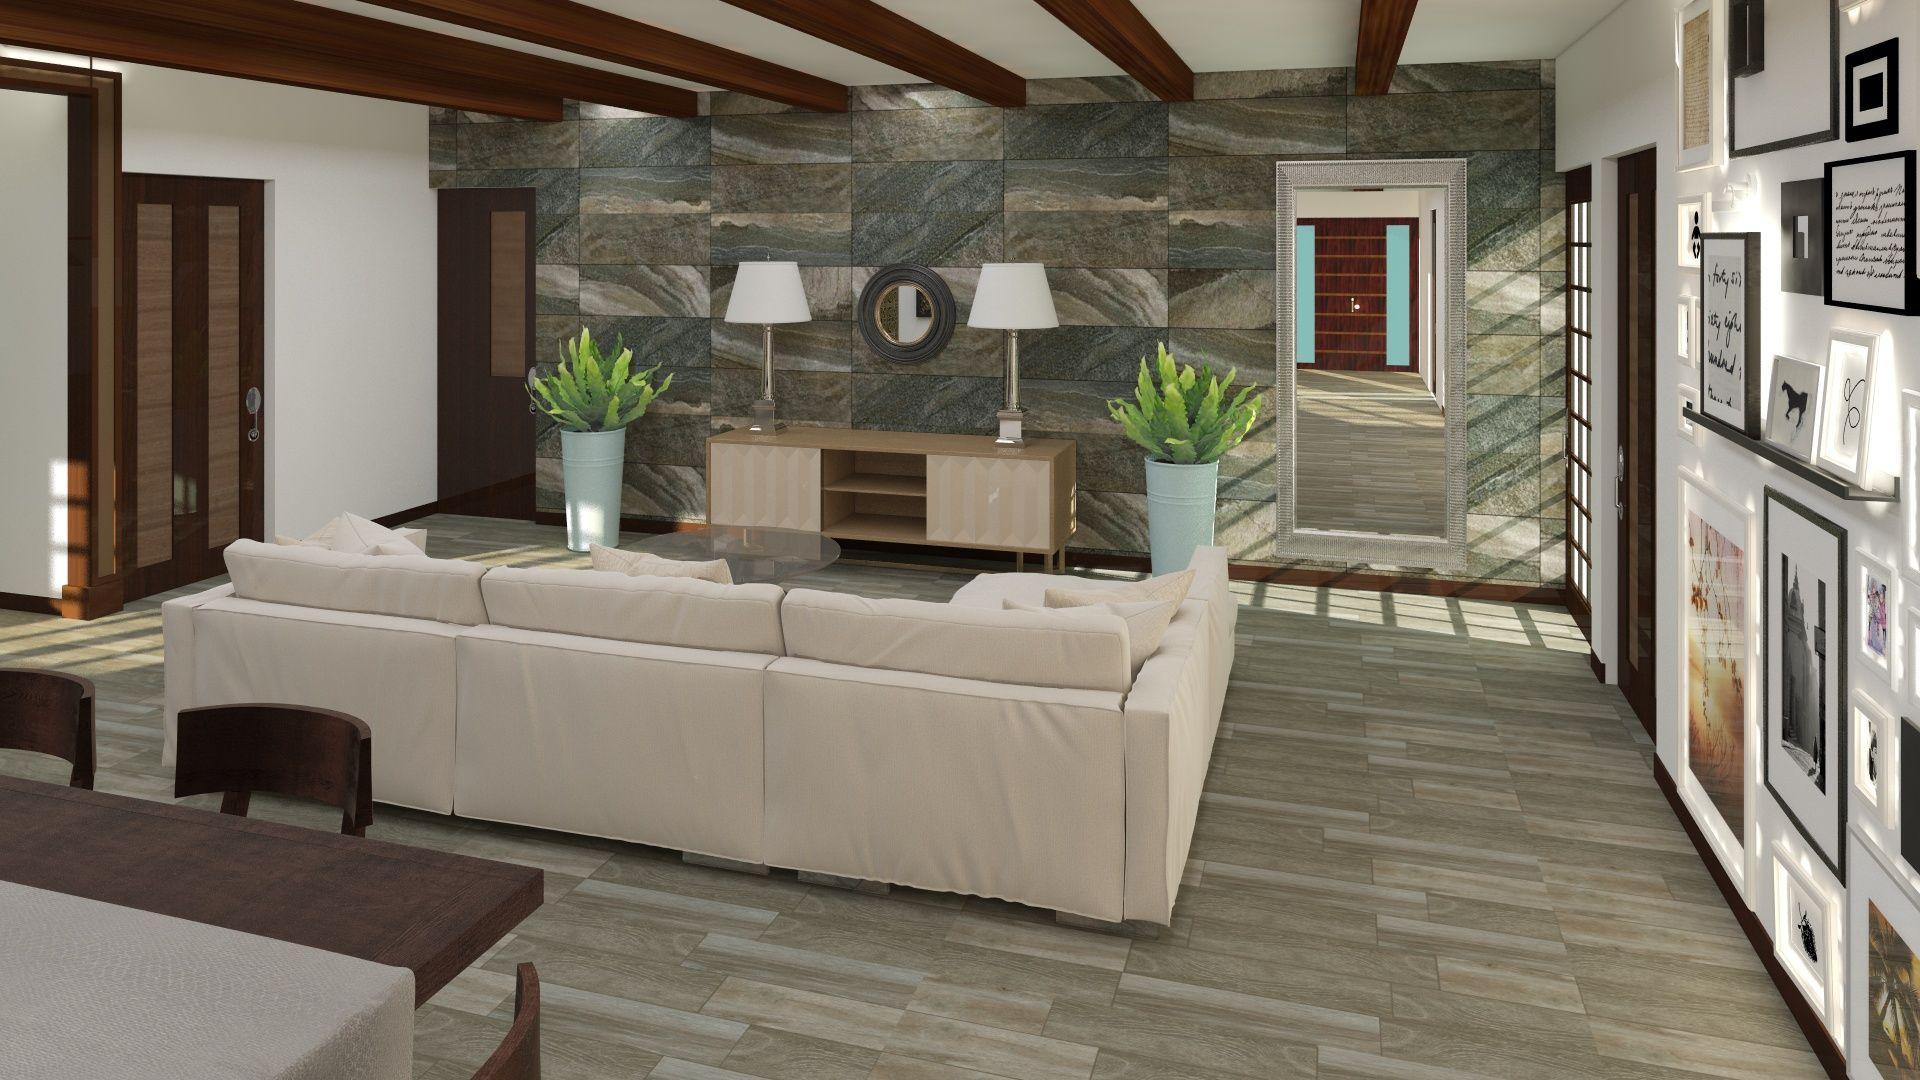 Sala de estar de estilo contempor neo materiales for Sala de estar madera